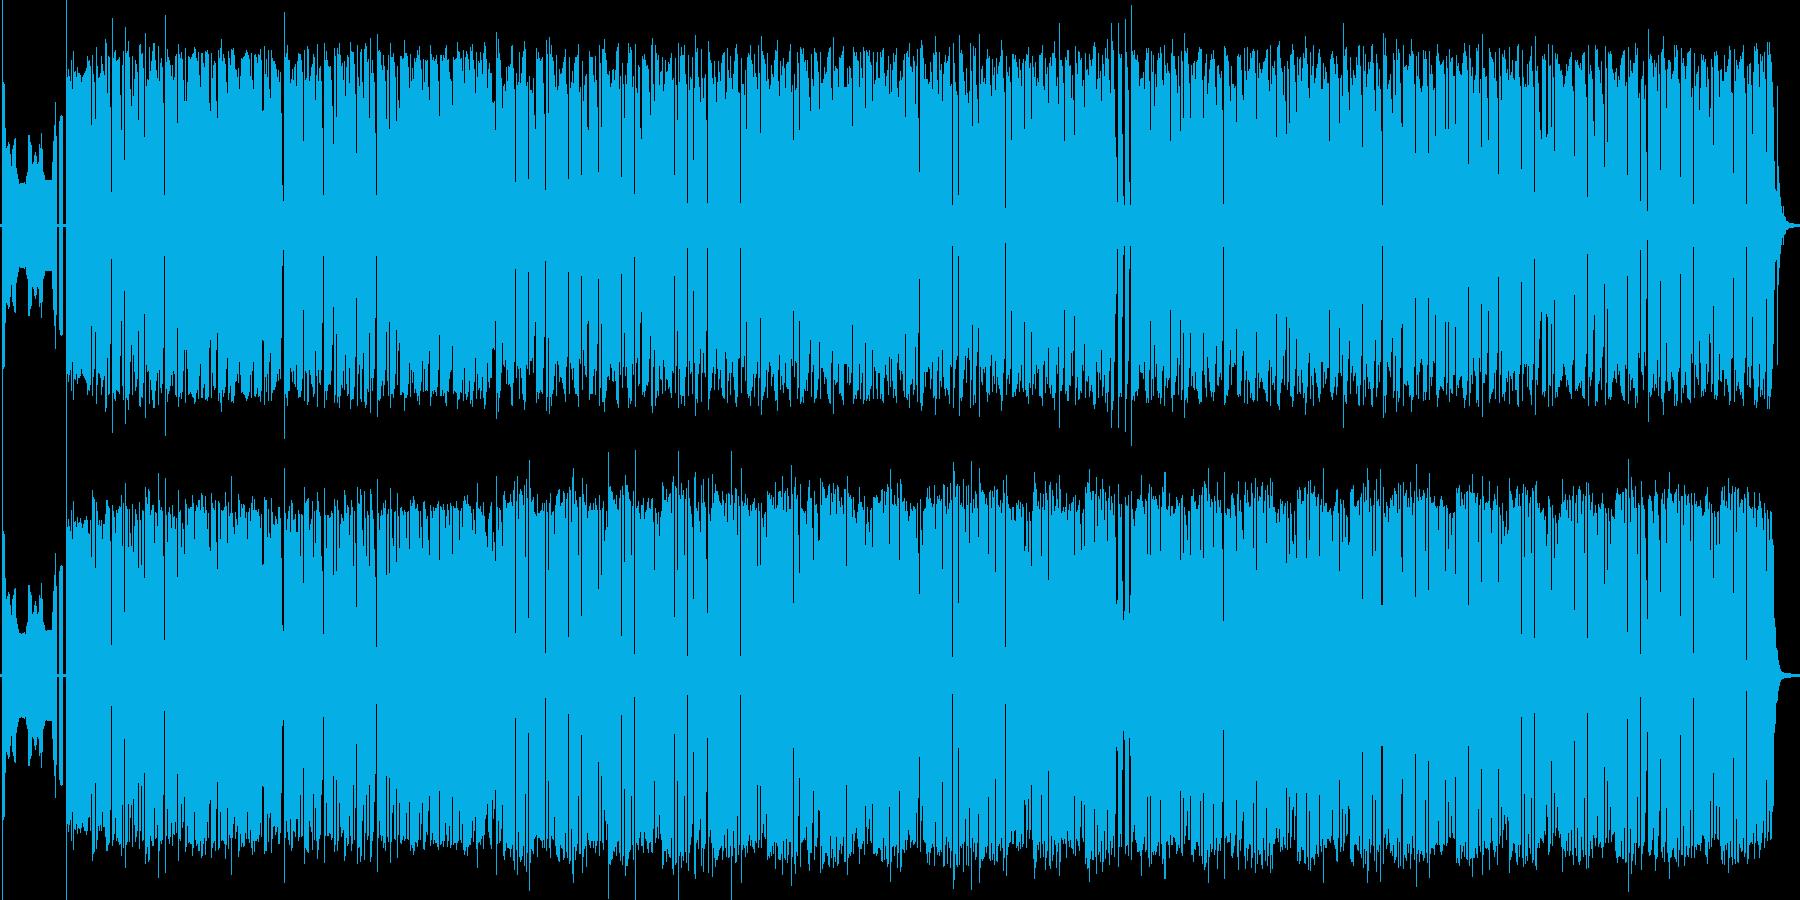 明るい雰囲気の冒険風楽曲の再生済みの波形